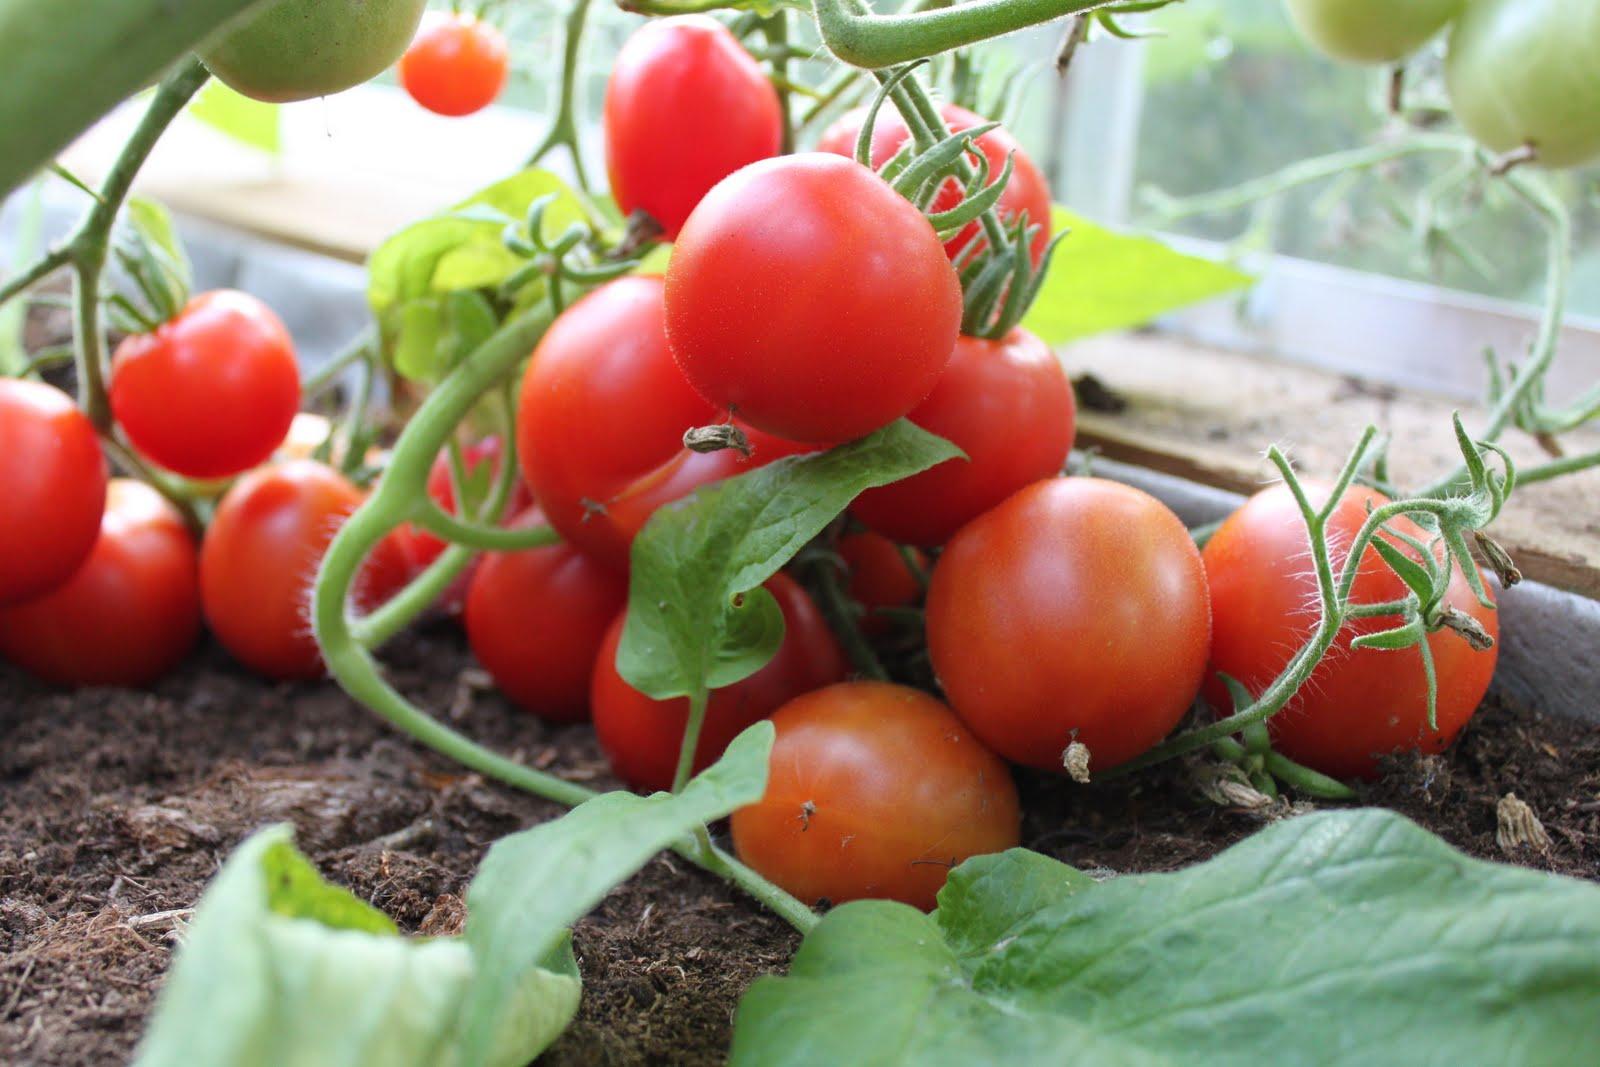 Lempiväri on punainen: tomaattisato on parhaimmillaan